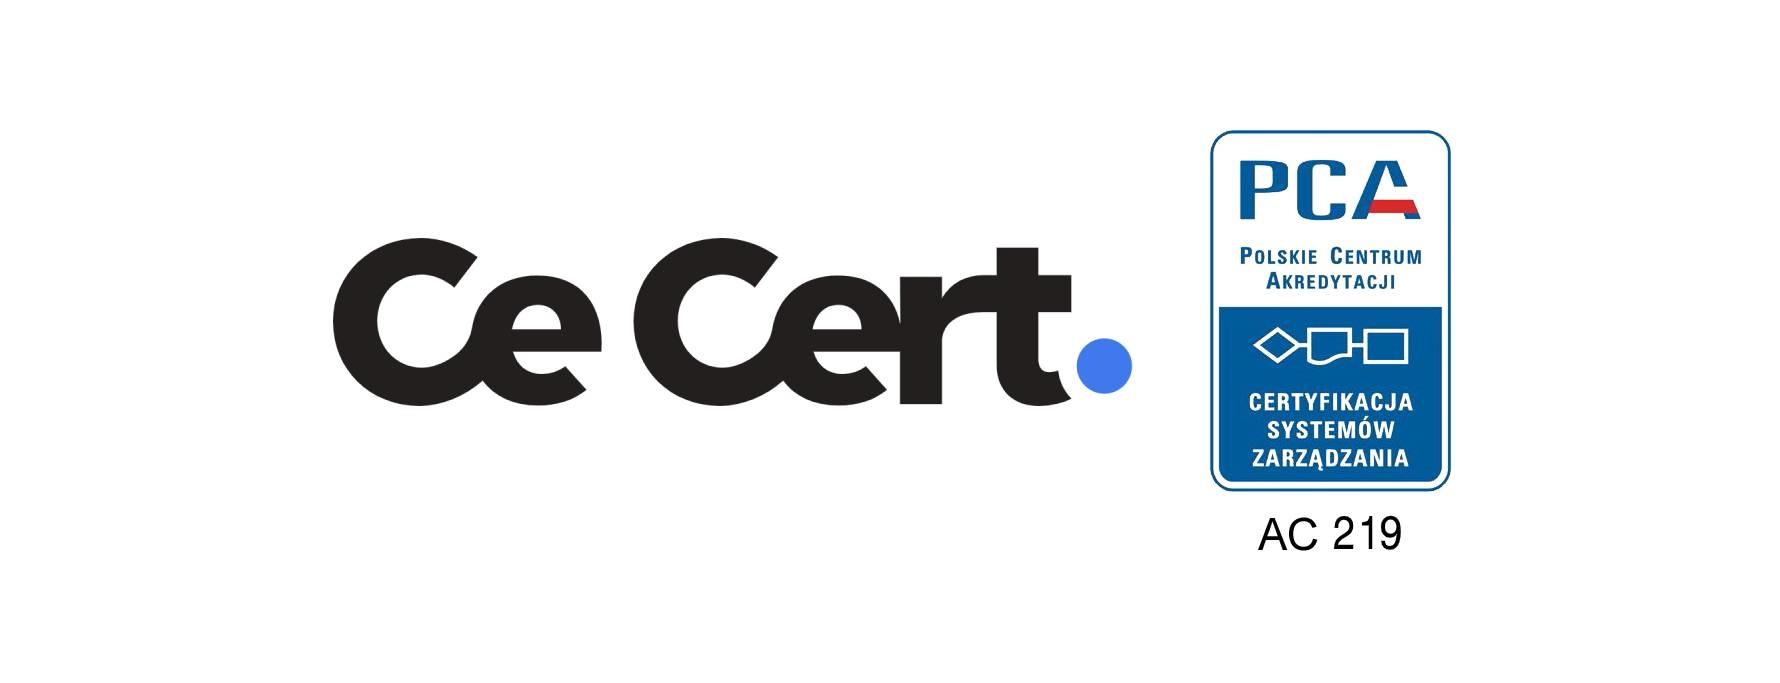 CeCert z akredytacją AC219